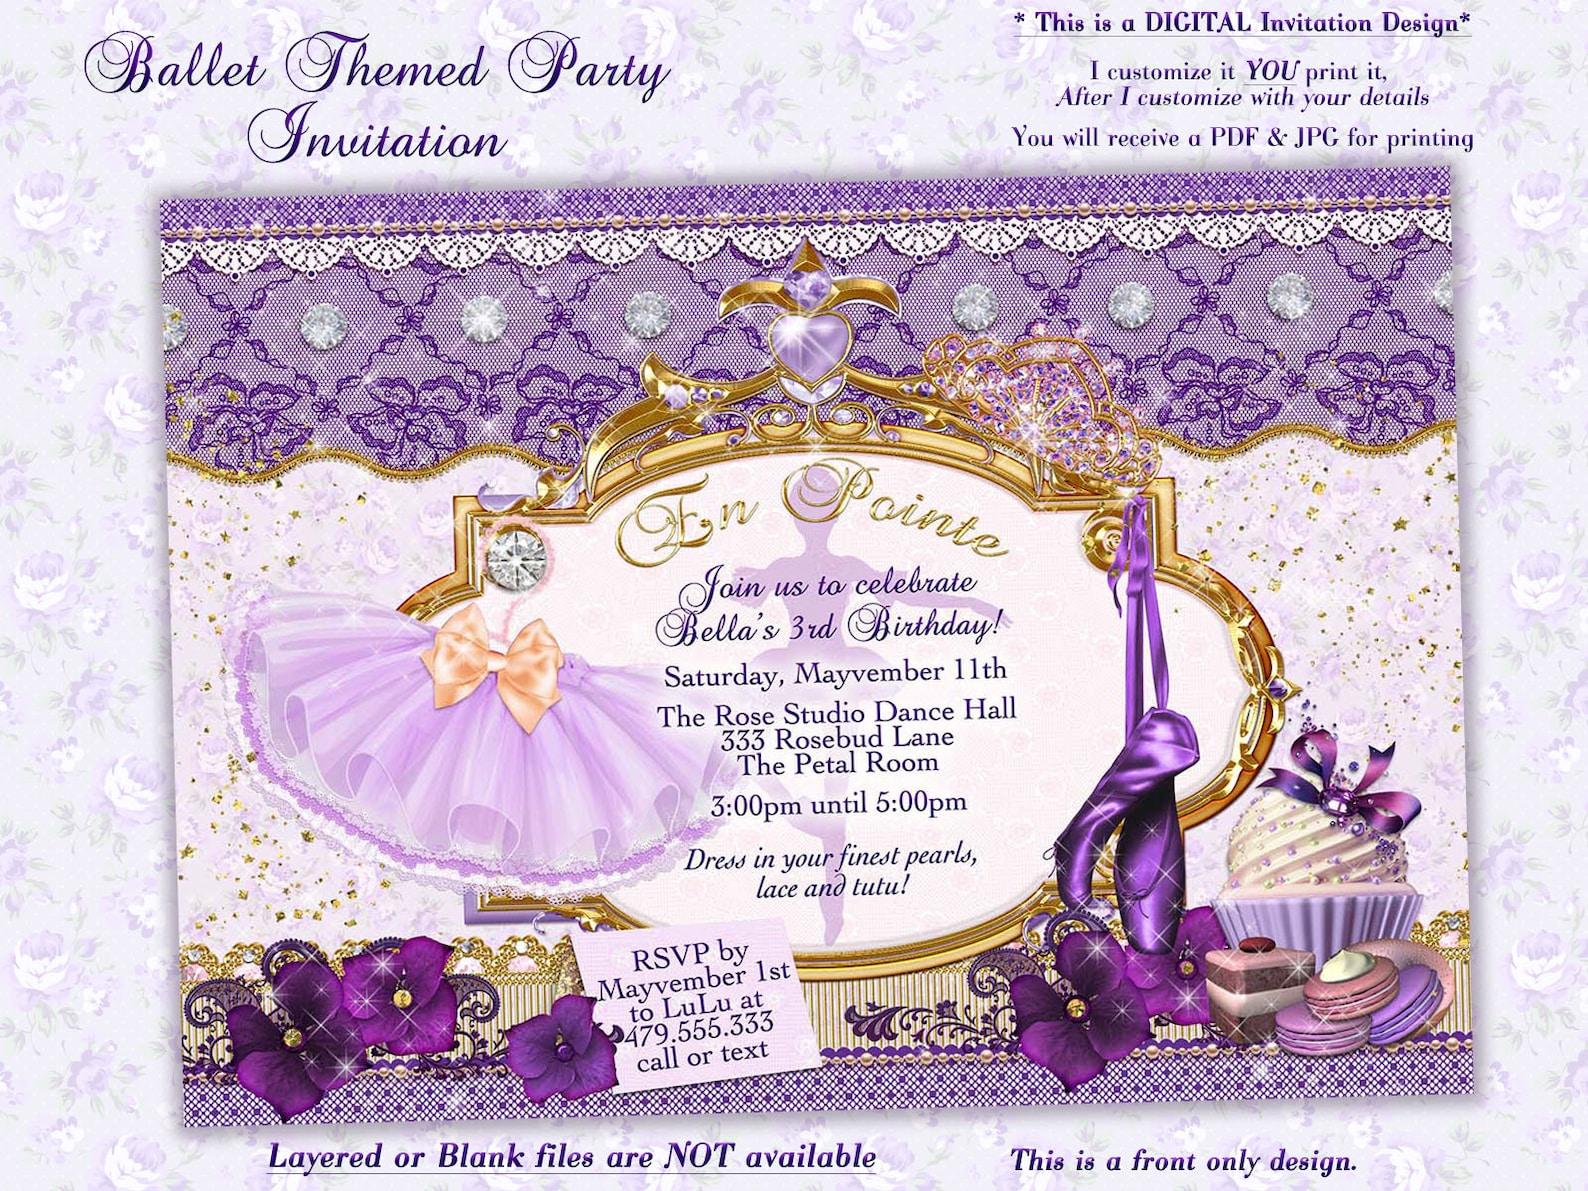 ballet birthday, ballerina birthday, birthday party invitation, ballet themed party, girls birthday party